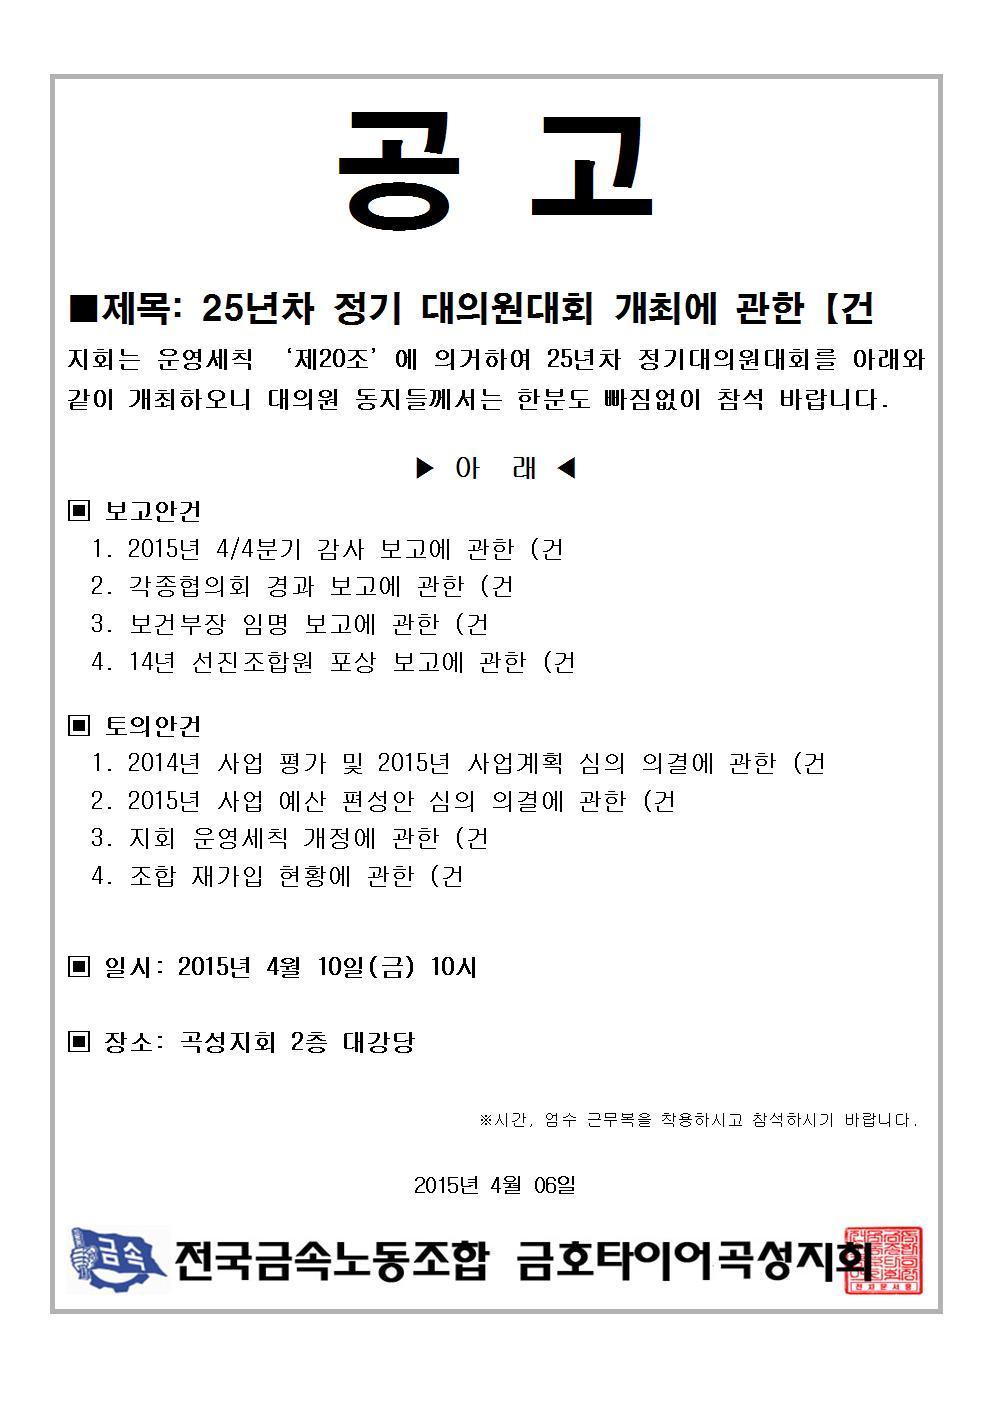 25년차정대개최공고001.jpg